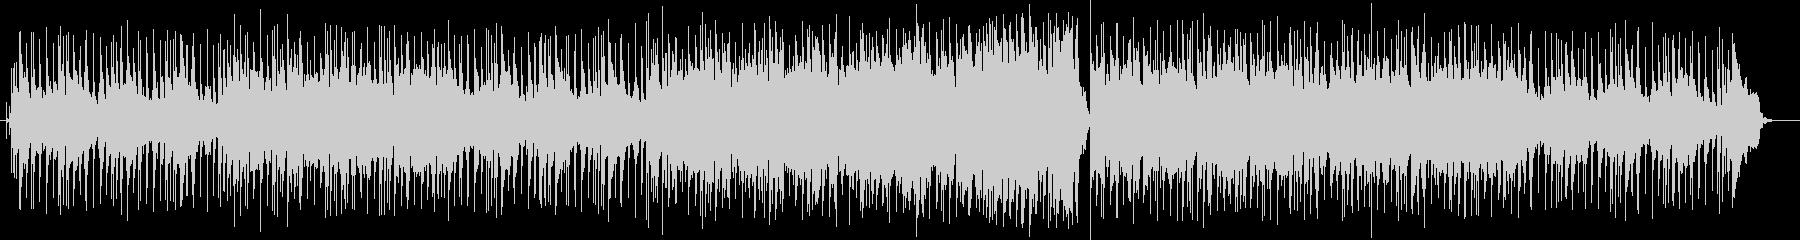 聞きやすい爽やかなBGMの未再生の波形